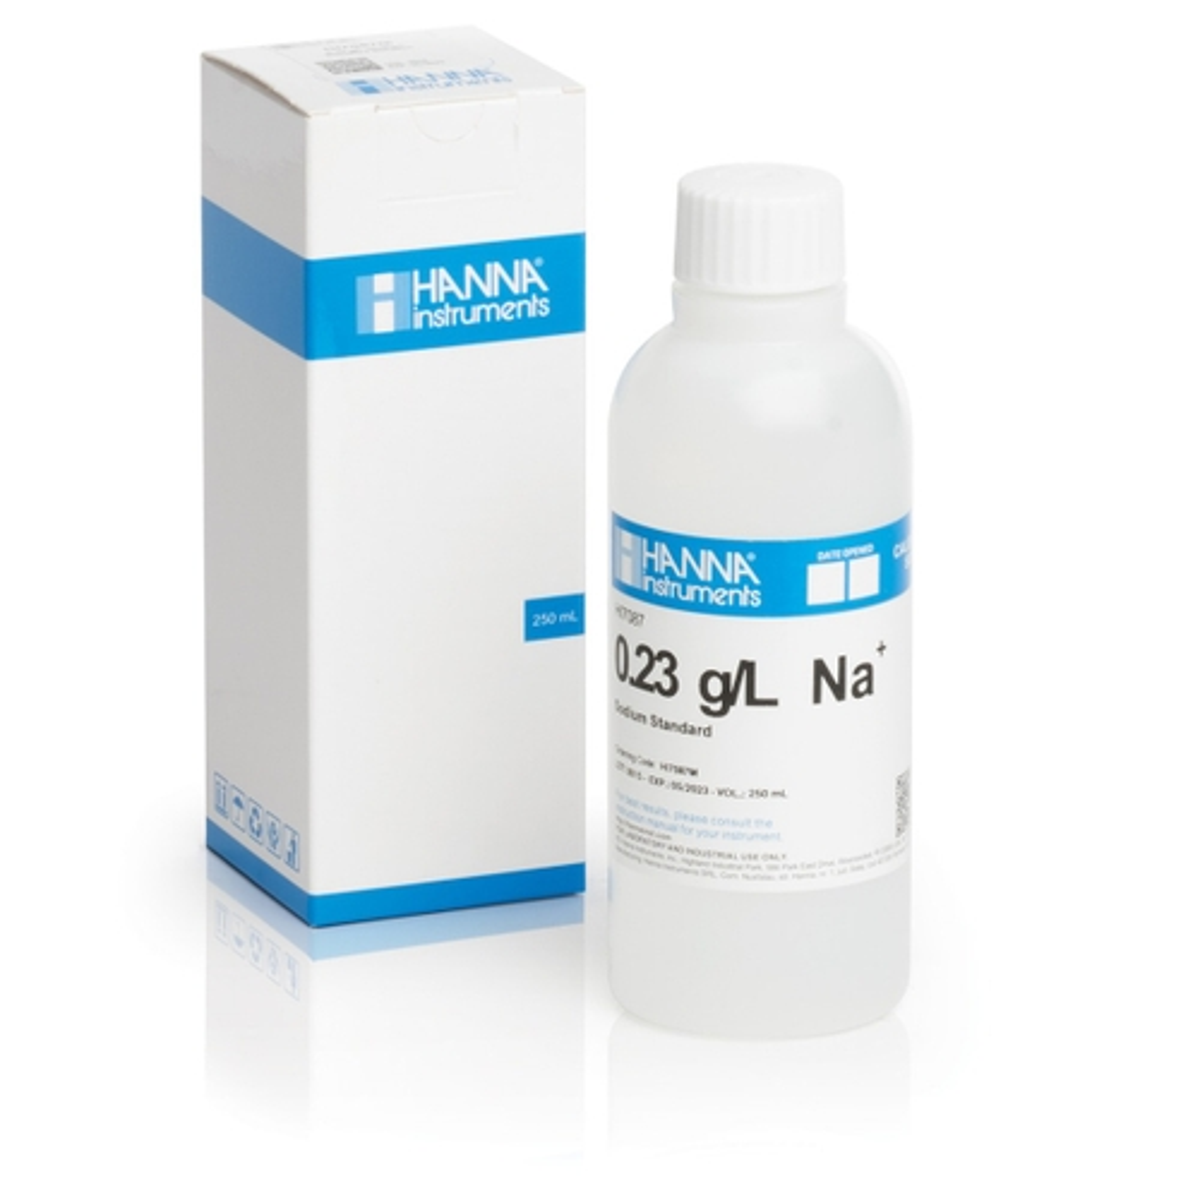 HI7087M 0.23 g/L Na+ Standard Solution (230 mL Bottle)